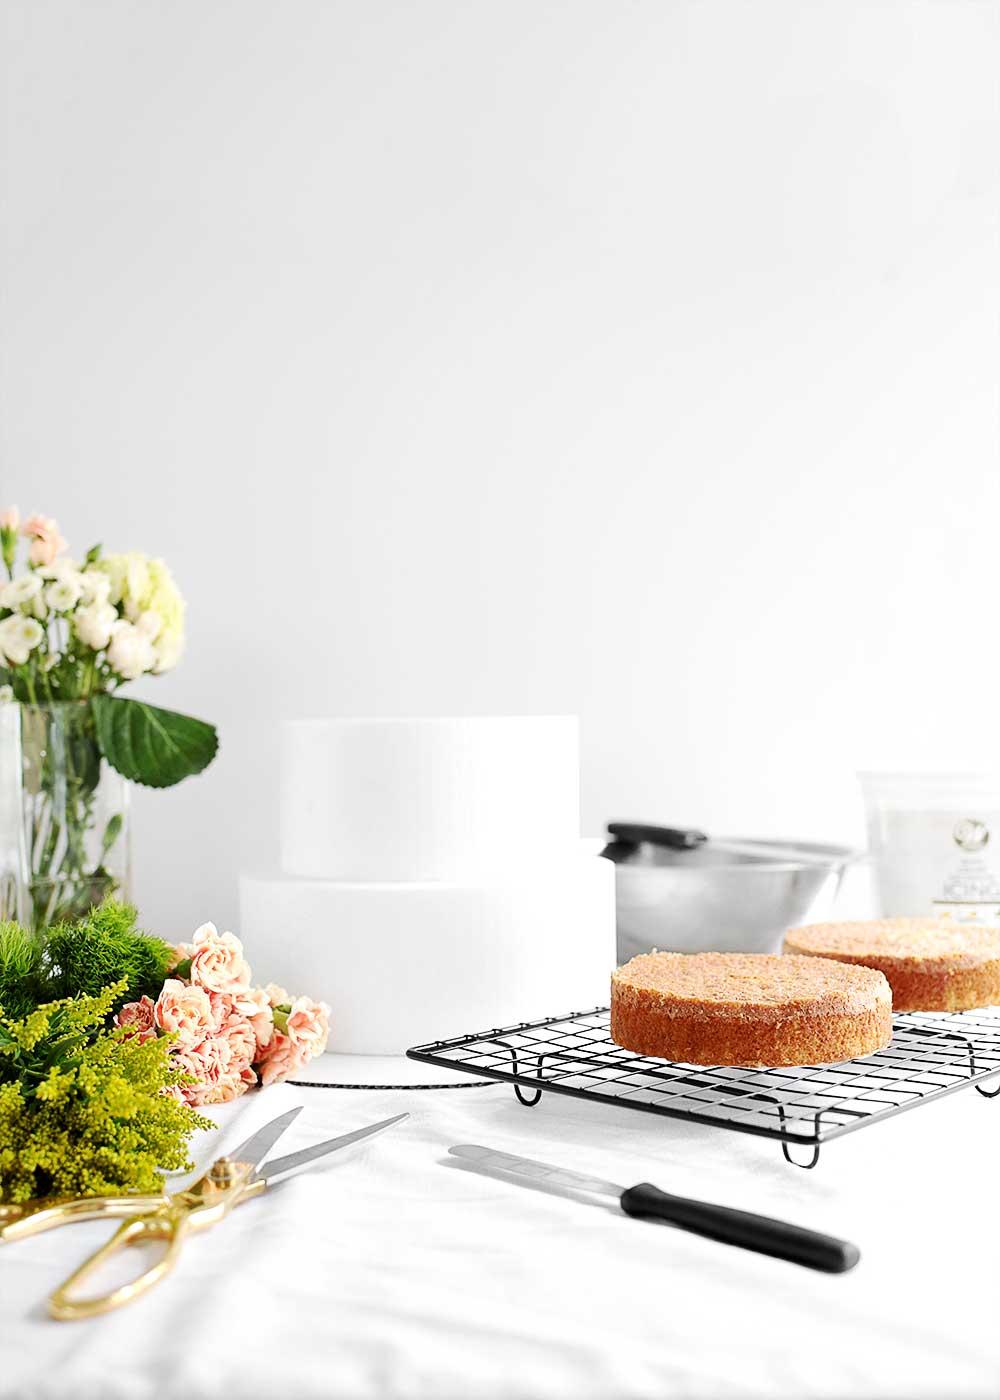 DIY Wedding Cake essentials from The Fauxmartha